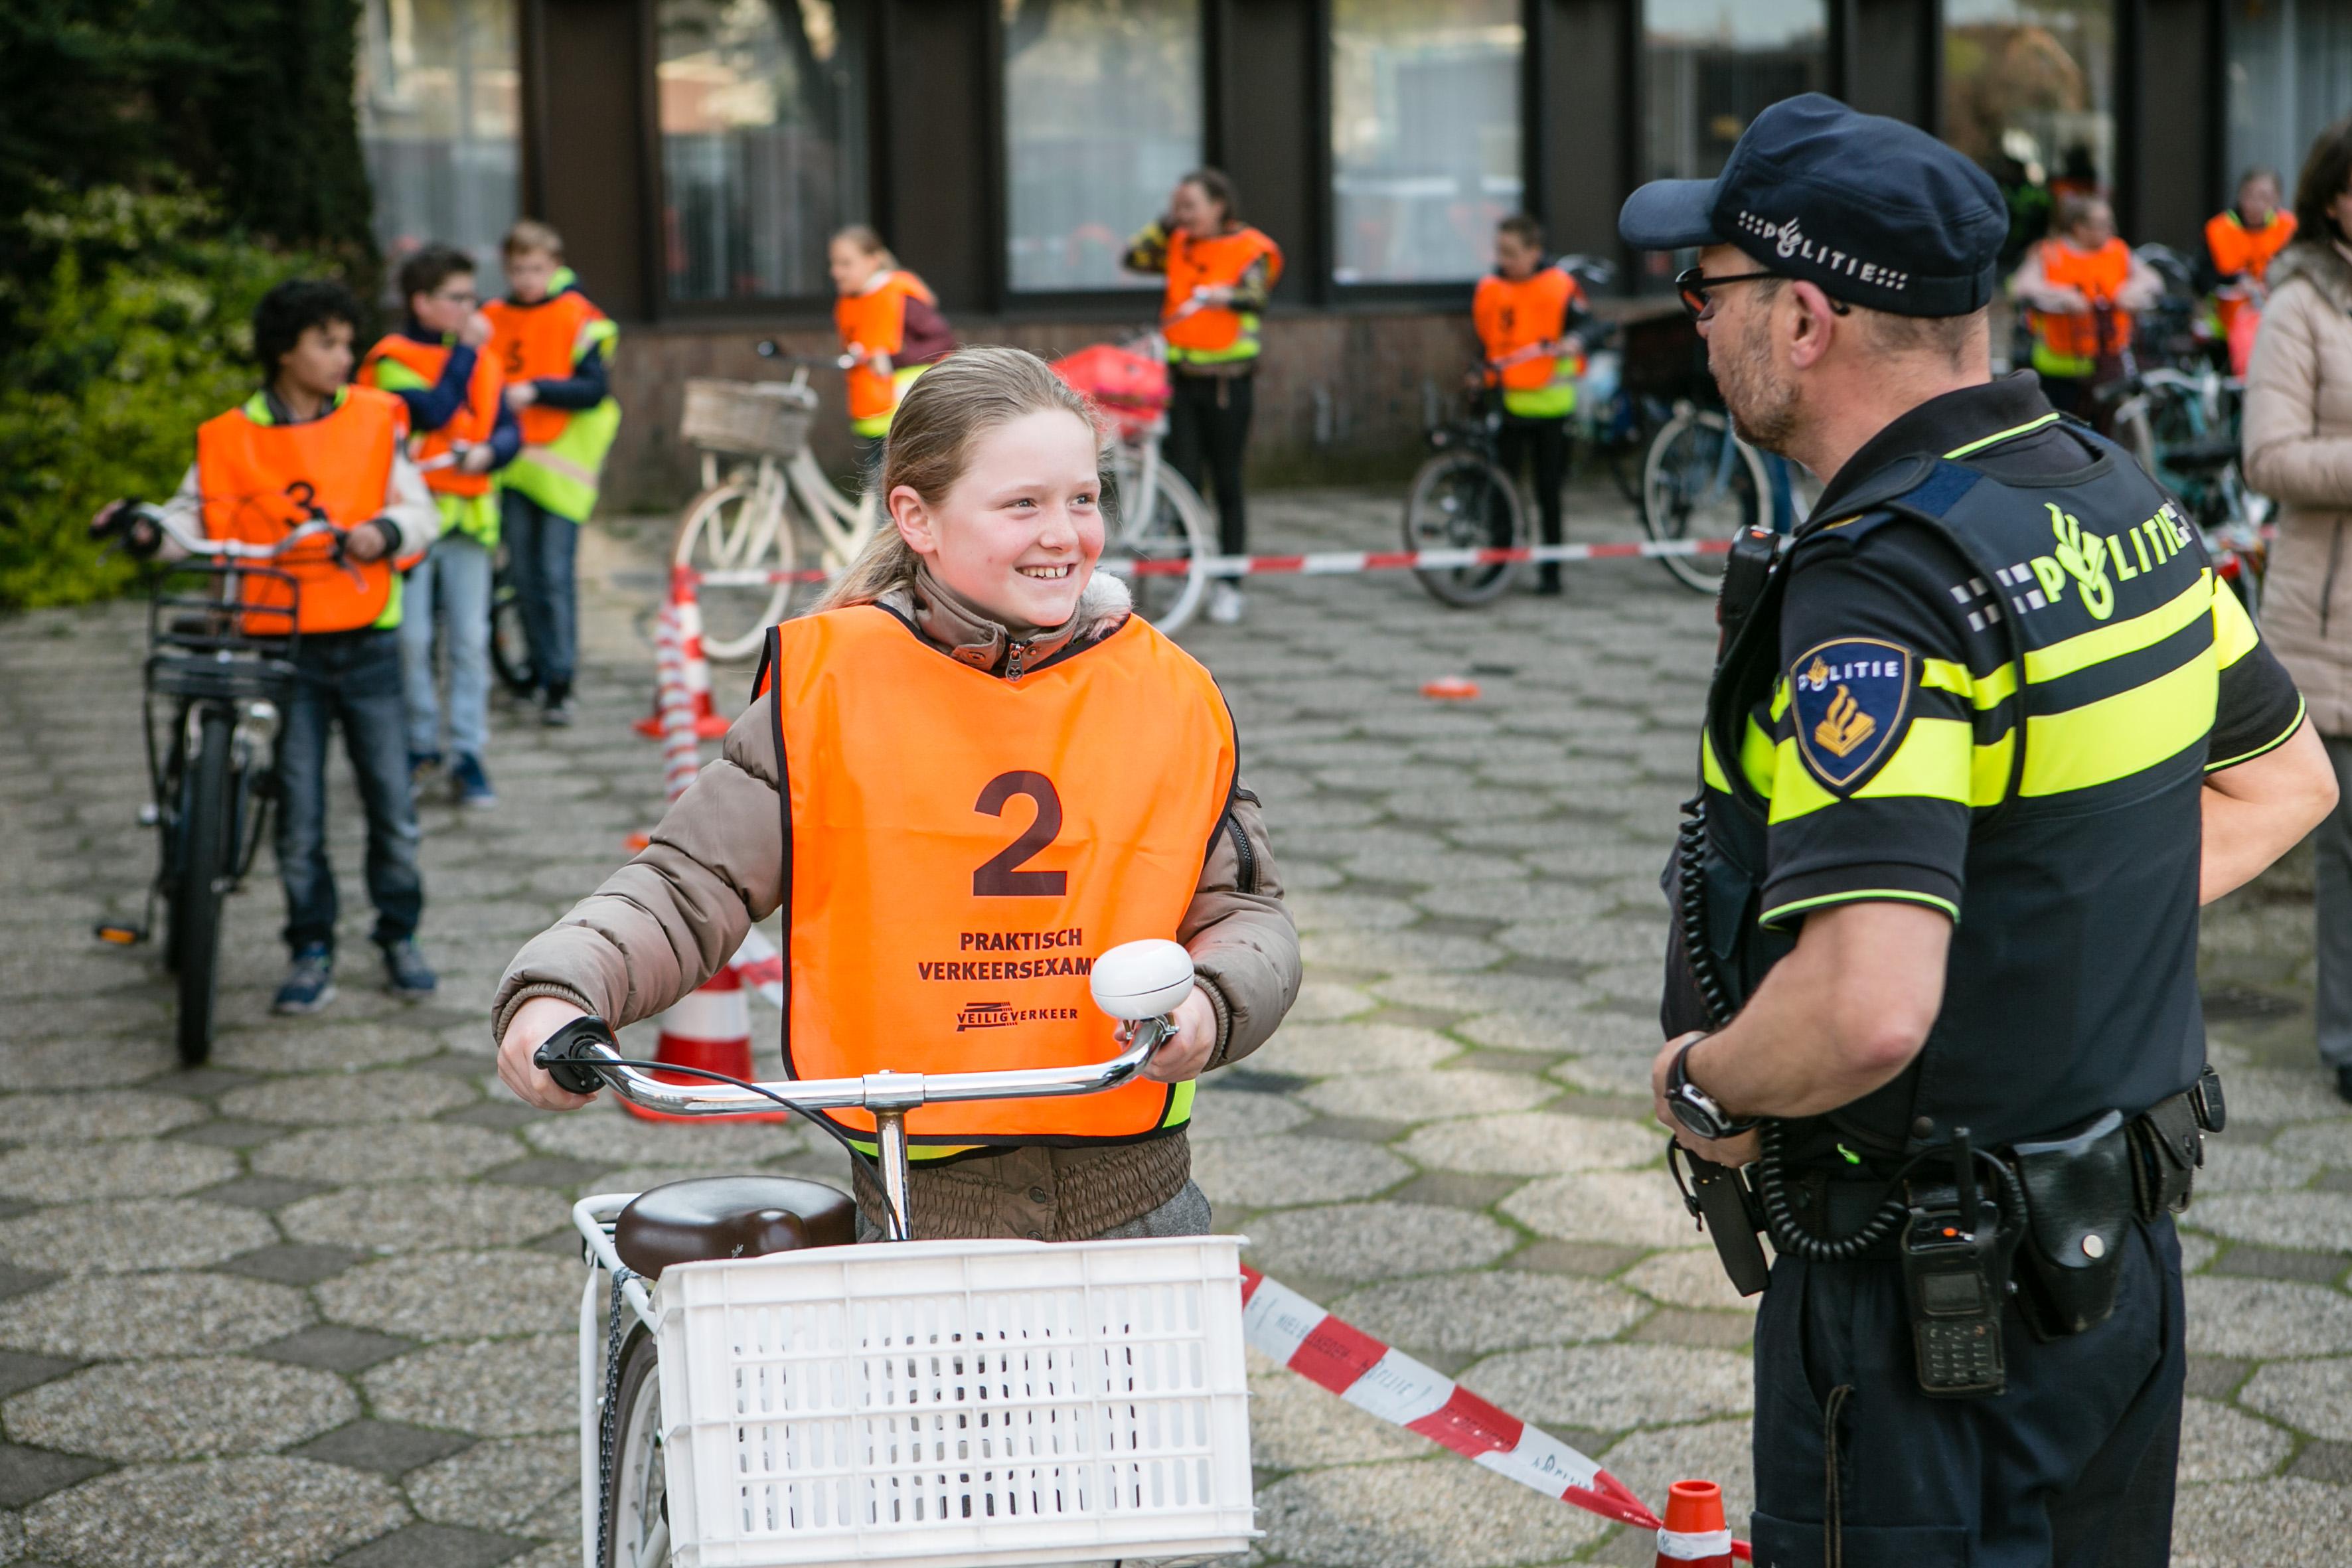 verkeersexamen foto eric van nieuwland 073940